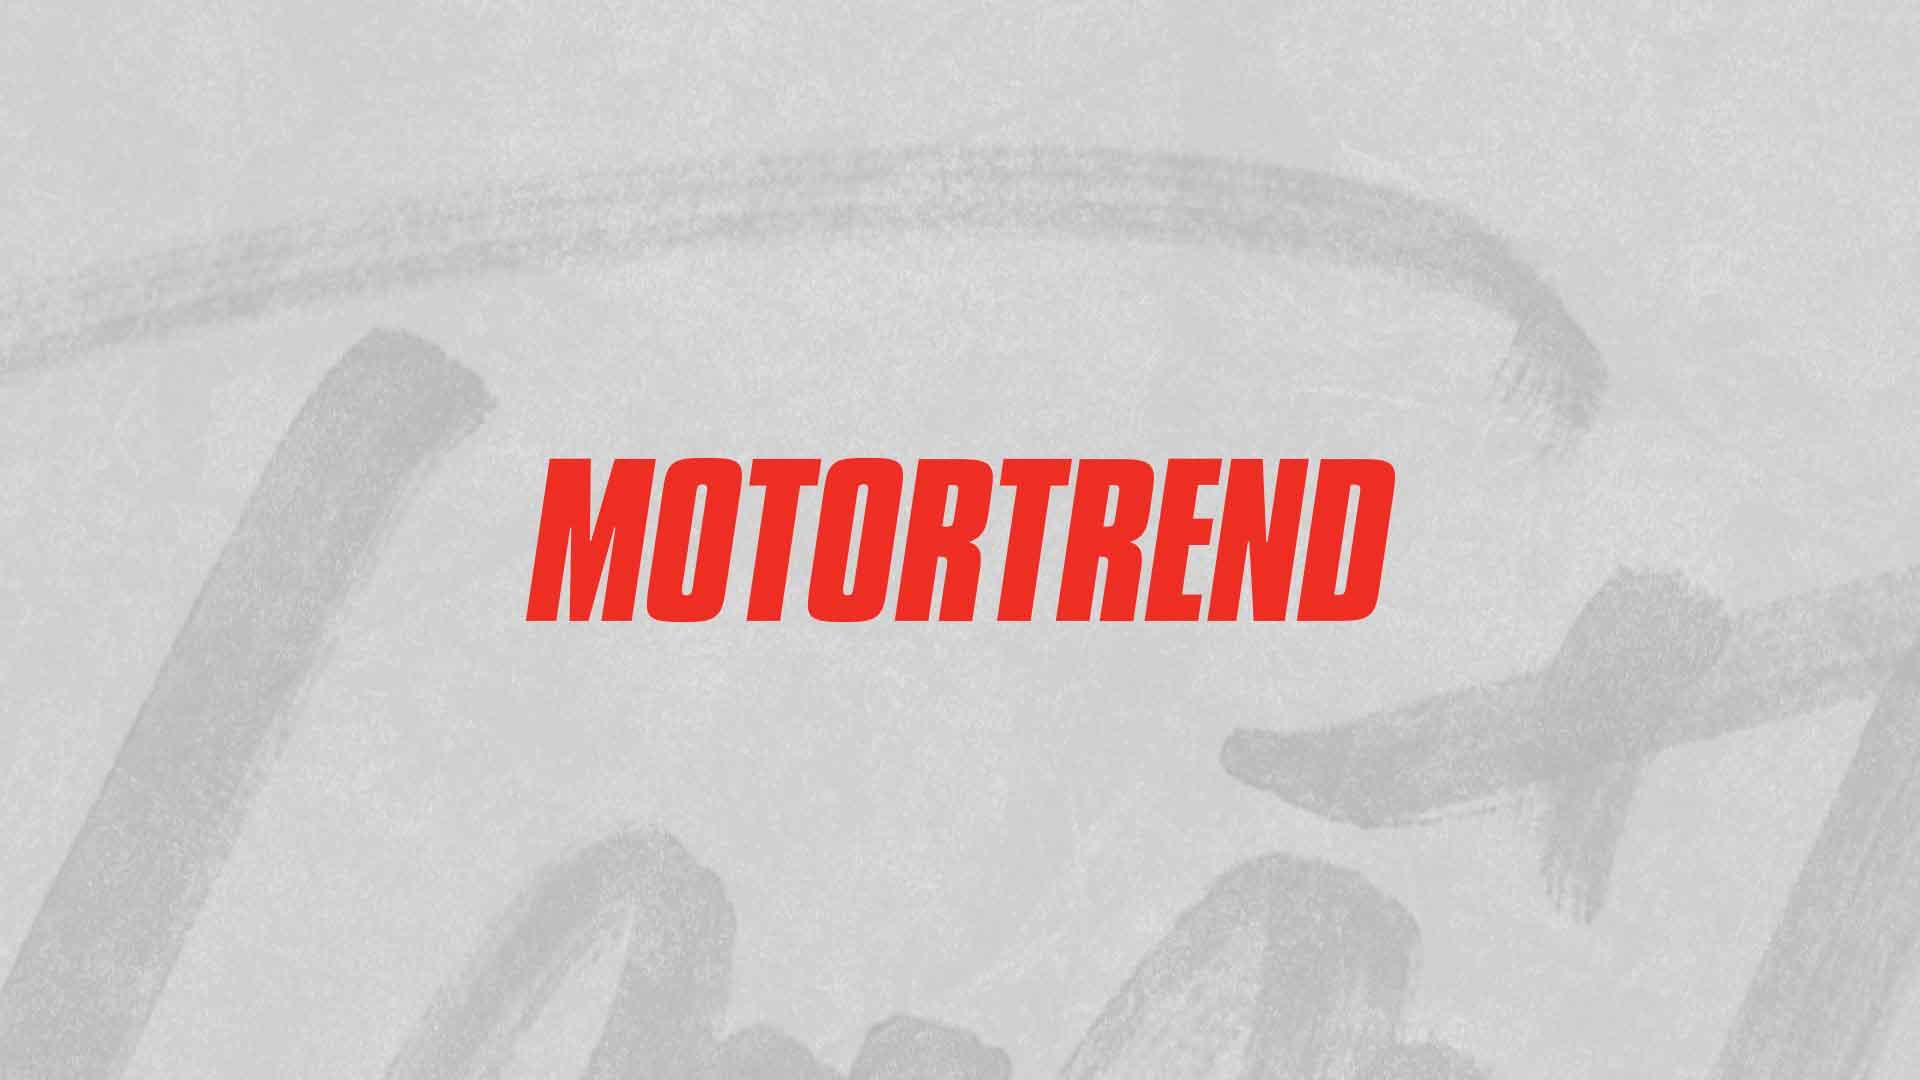 MotorTrend Shows: Watch Auto Shows & Motorsports Online